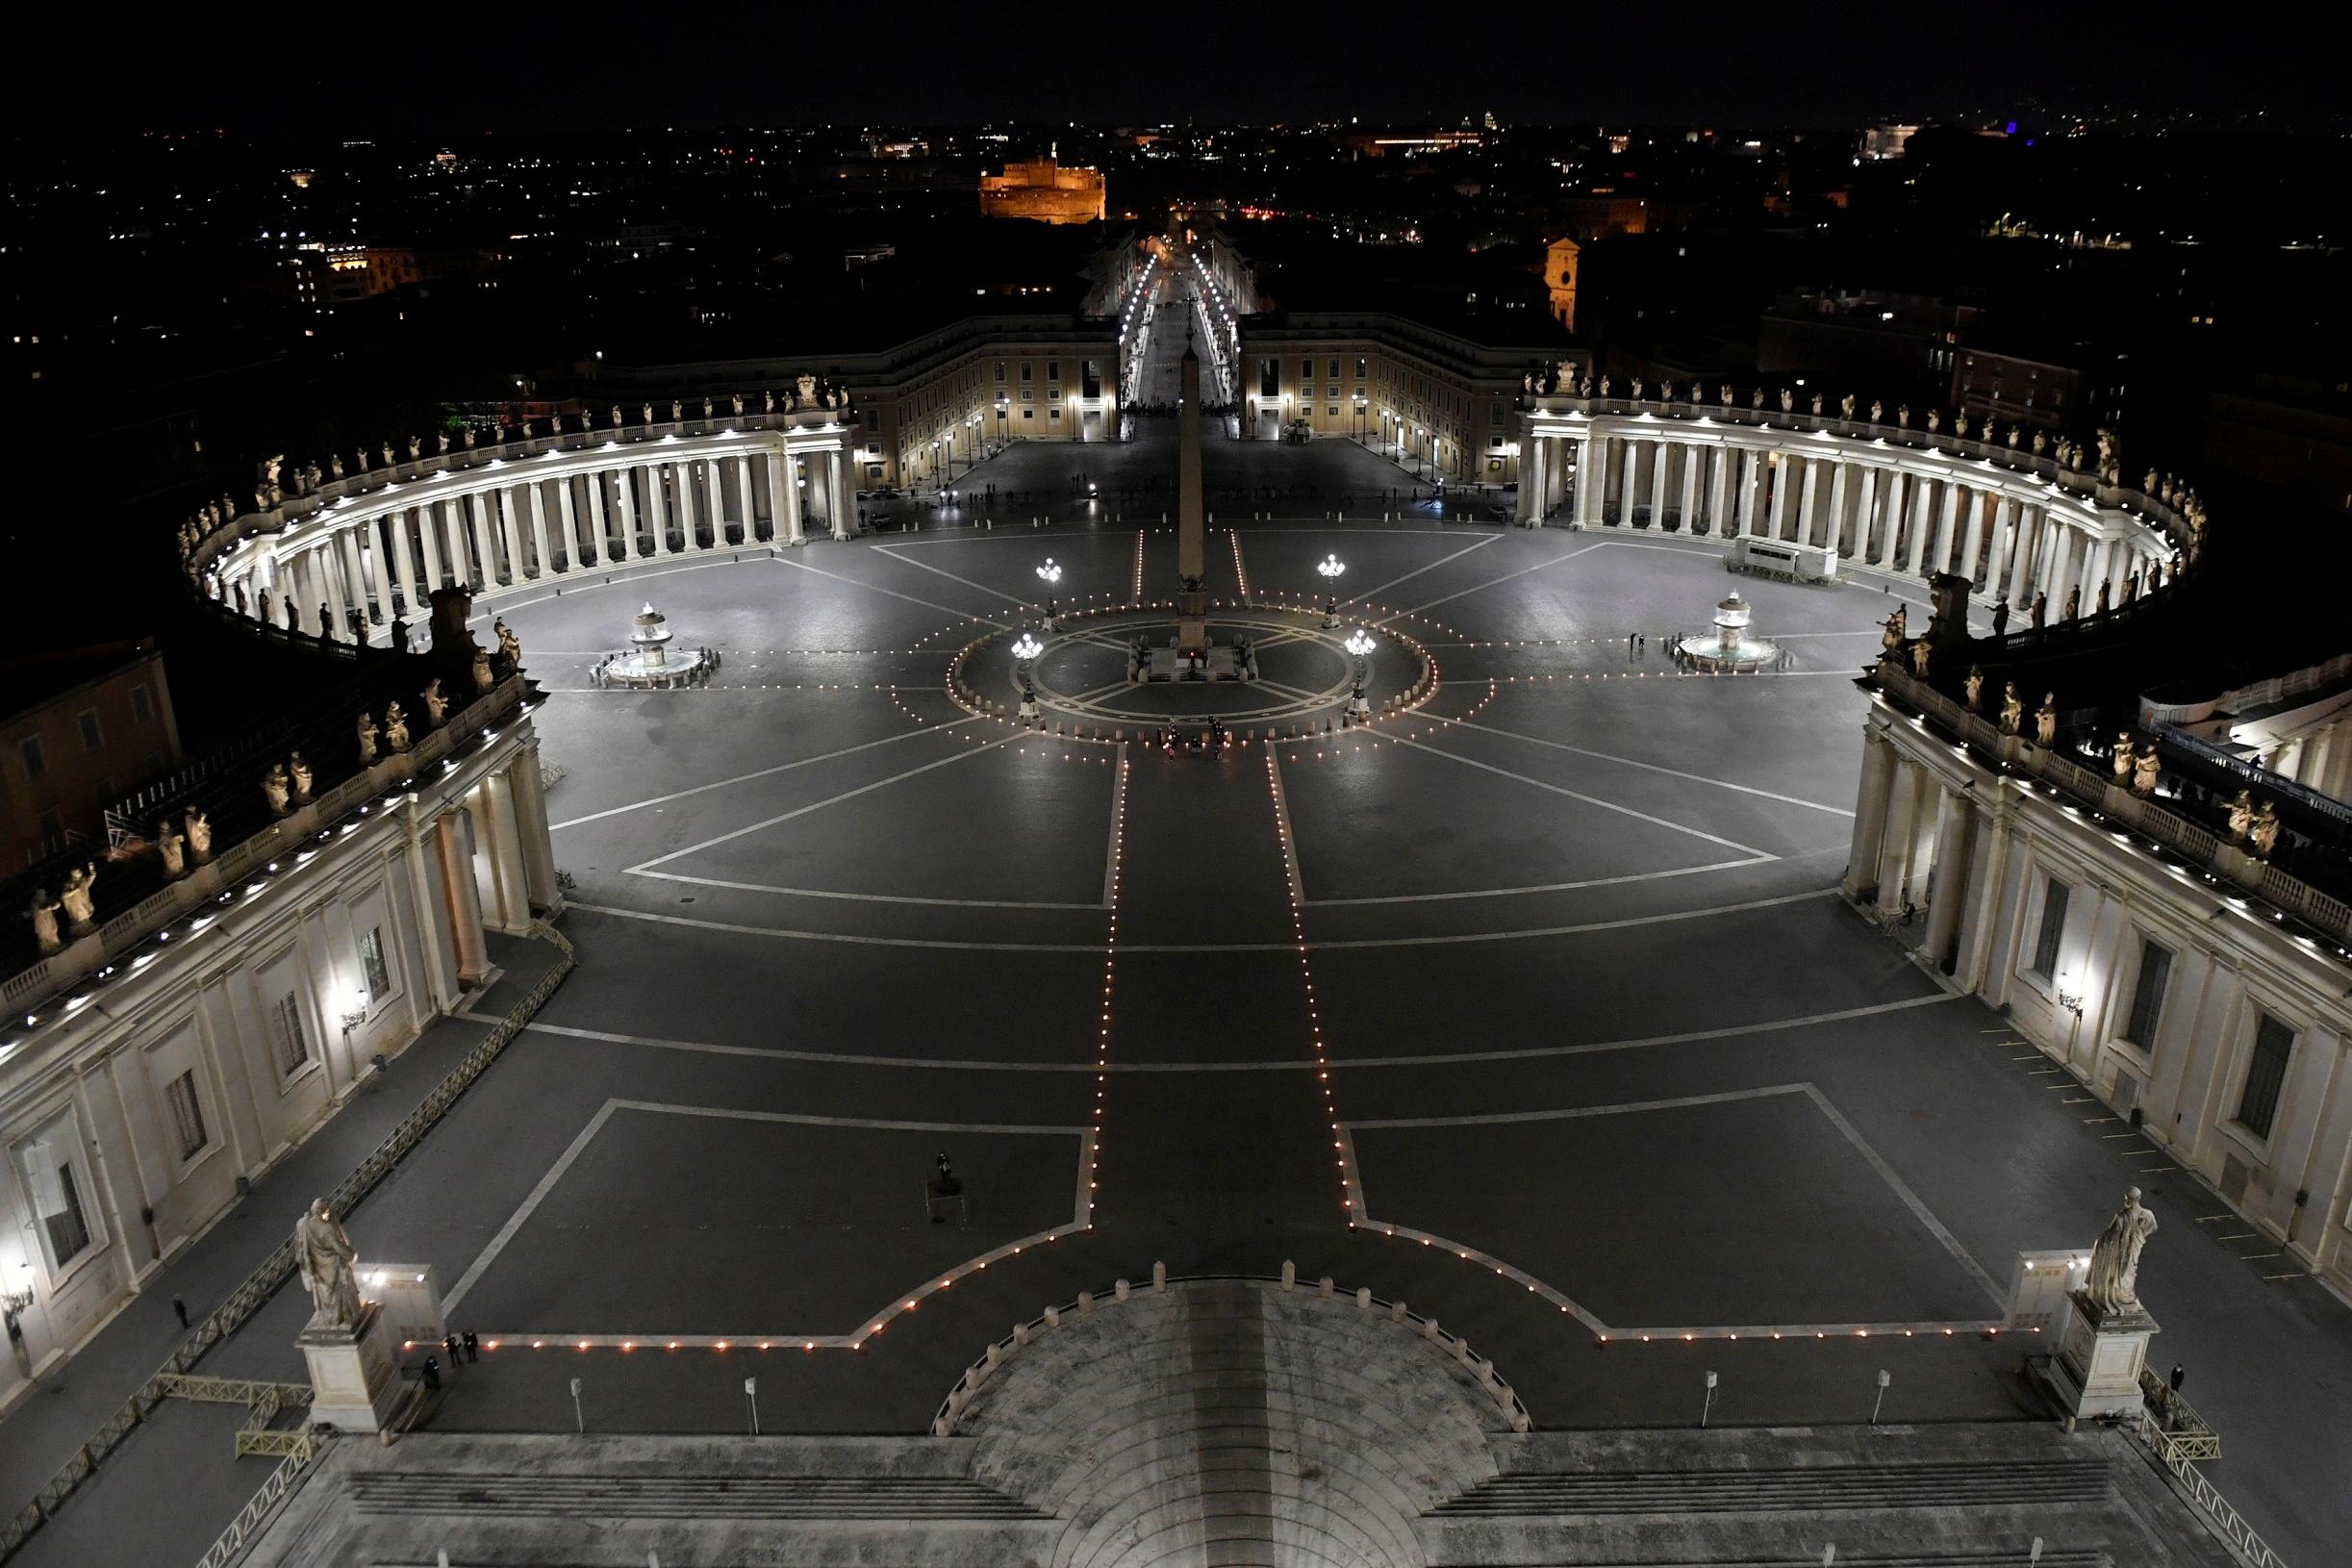 Πάσχα Καθολικών… υπό πίεση – Οι πιστοί γιορτάζουν εν μέσω σκληρών lockdown (pics)